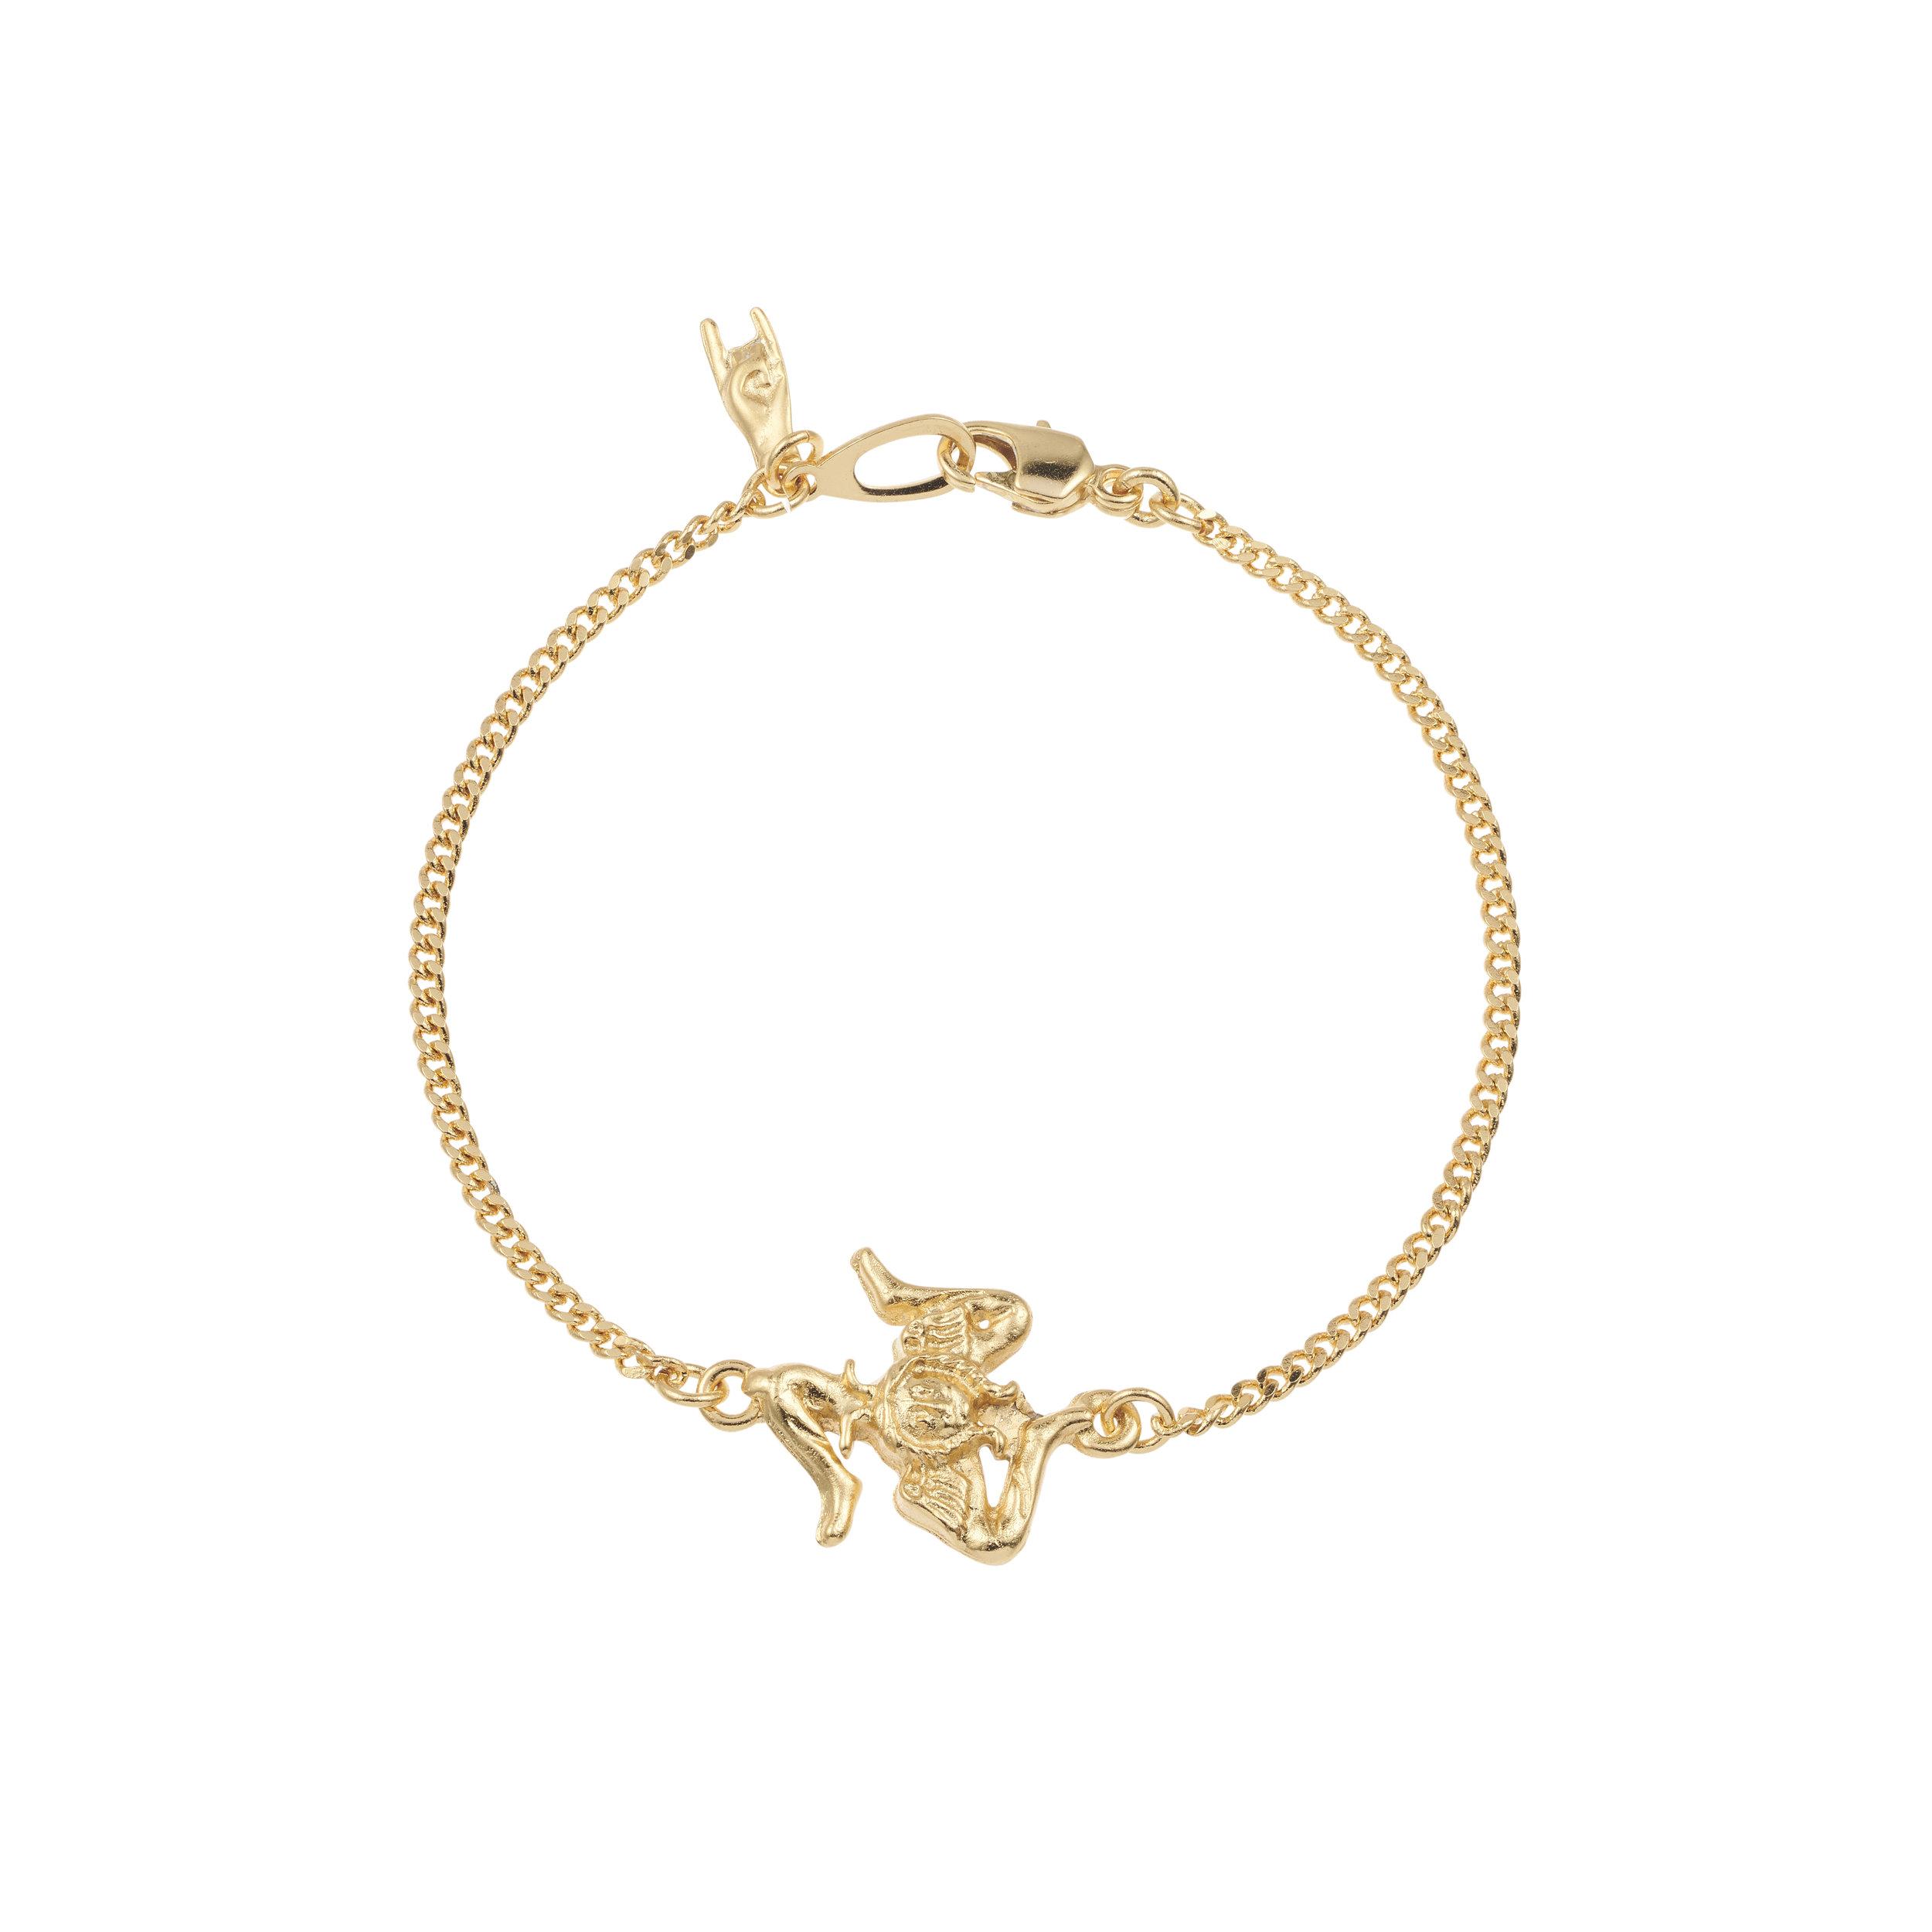 trinacria bracelet - $120.00 AUD